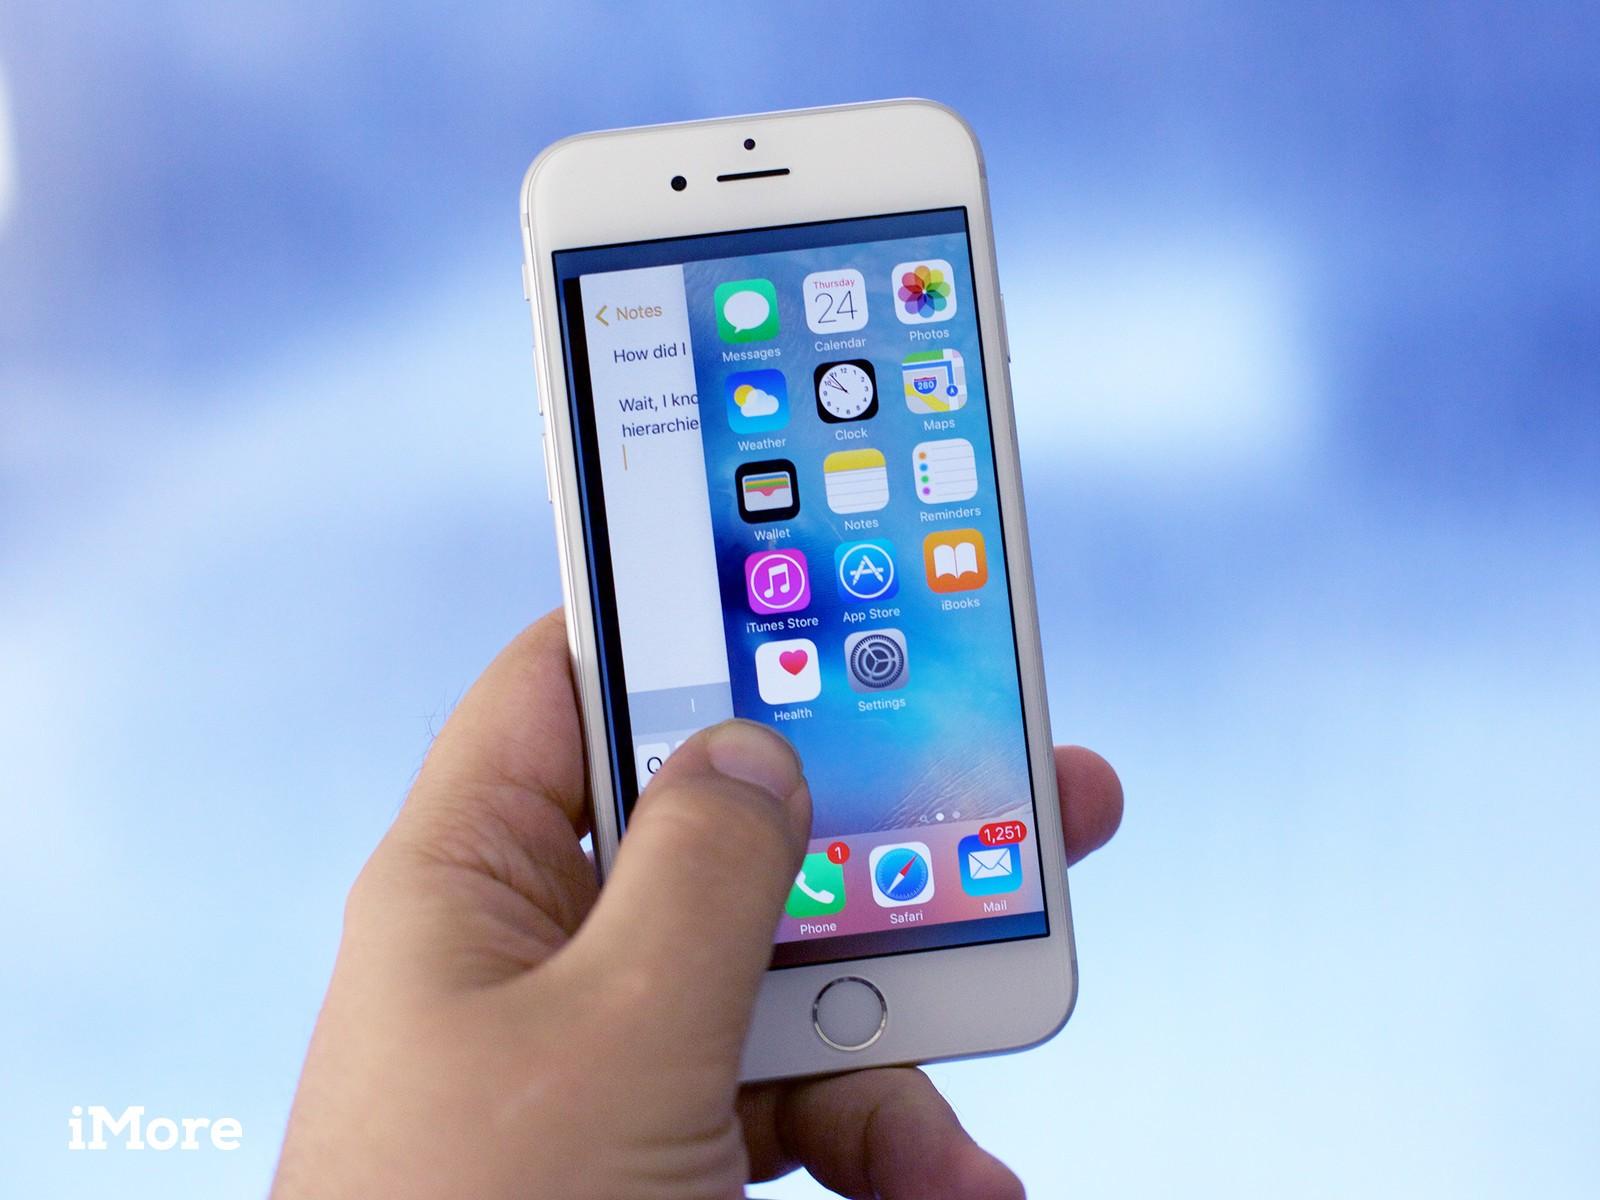 Sforum - Trang thông tin công nghệ mới nhất iphone-6s-3d-touch-app-switcher-hero 11 mẹo cực hay giúp giảm giật lag trên iPhone đời cũ